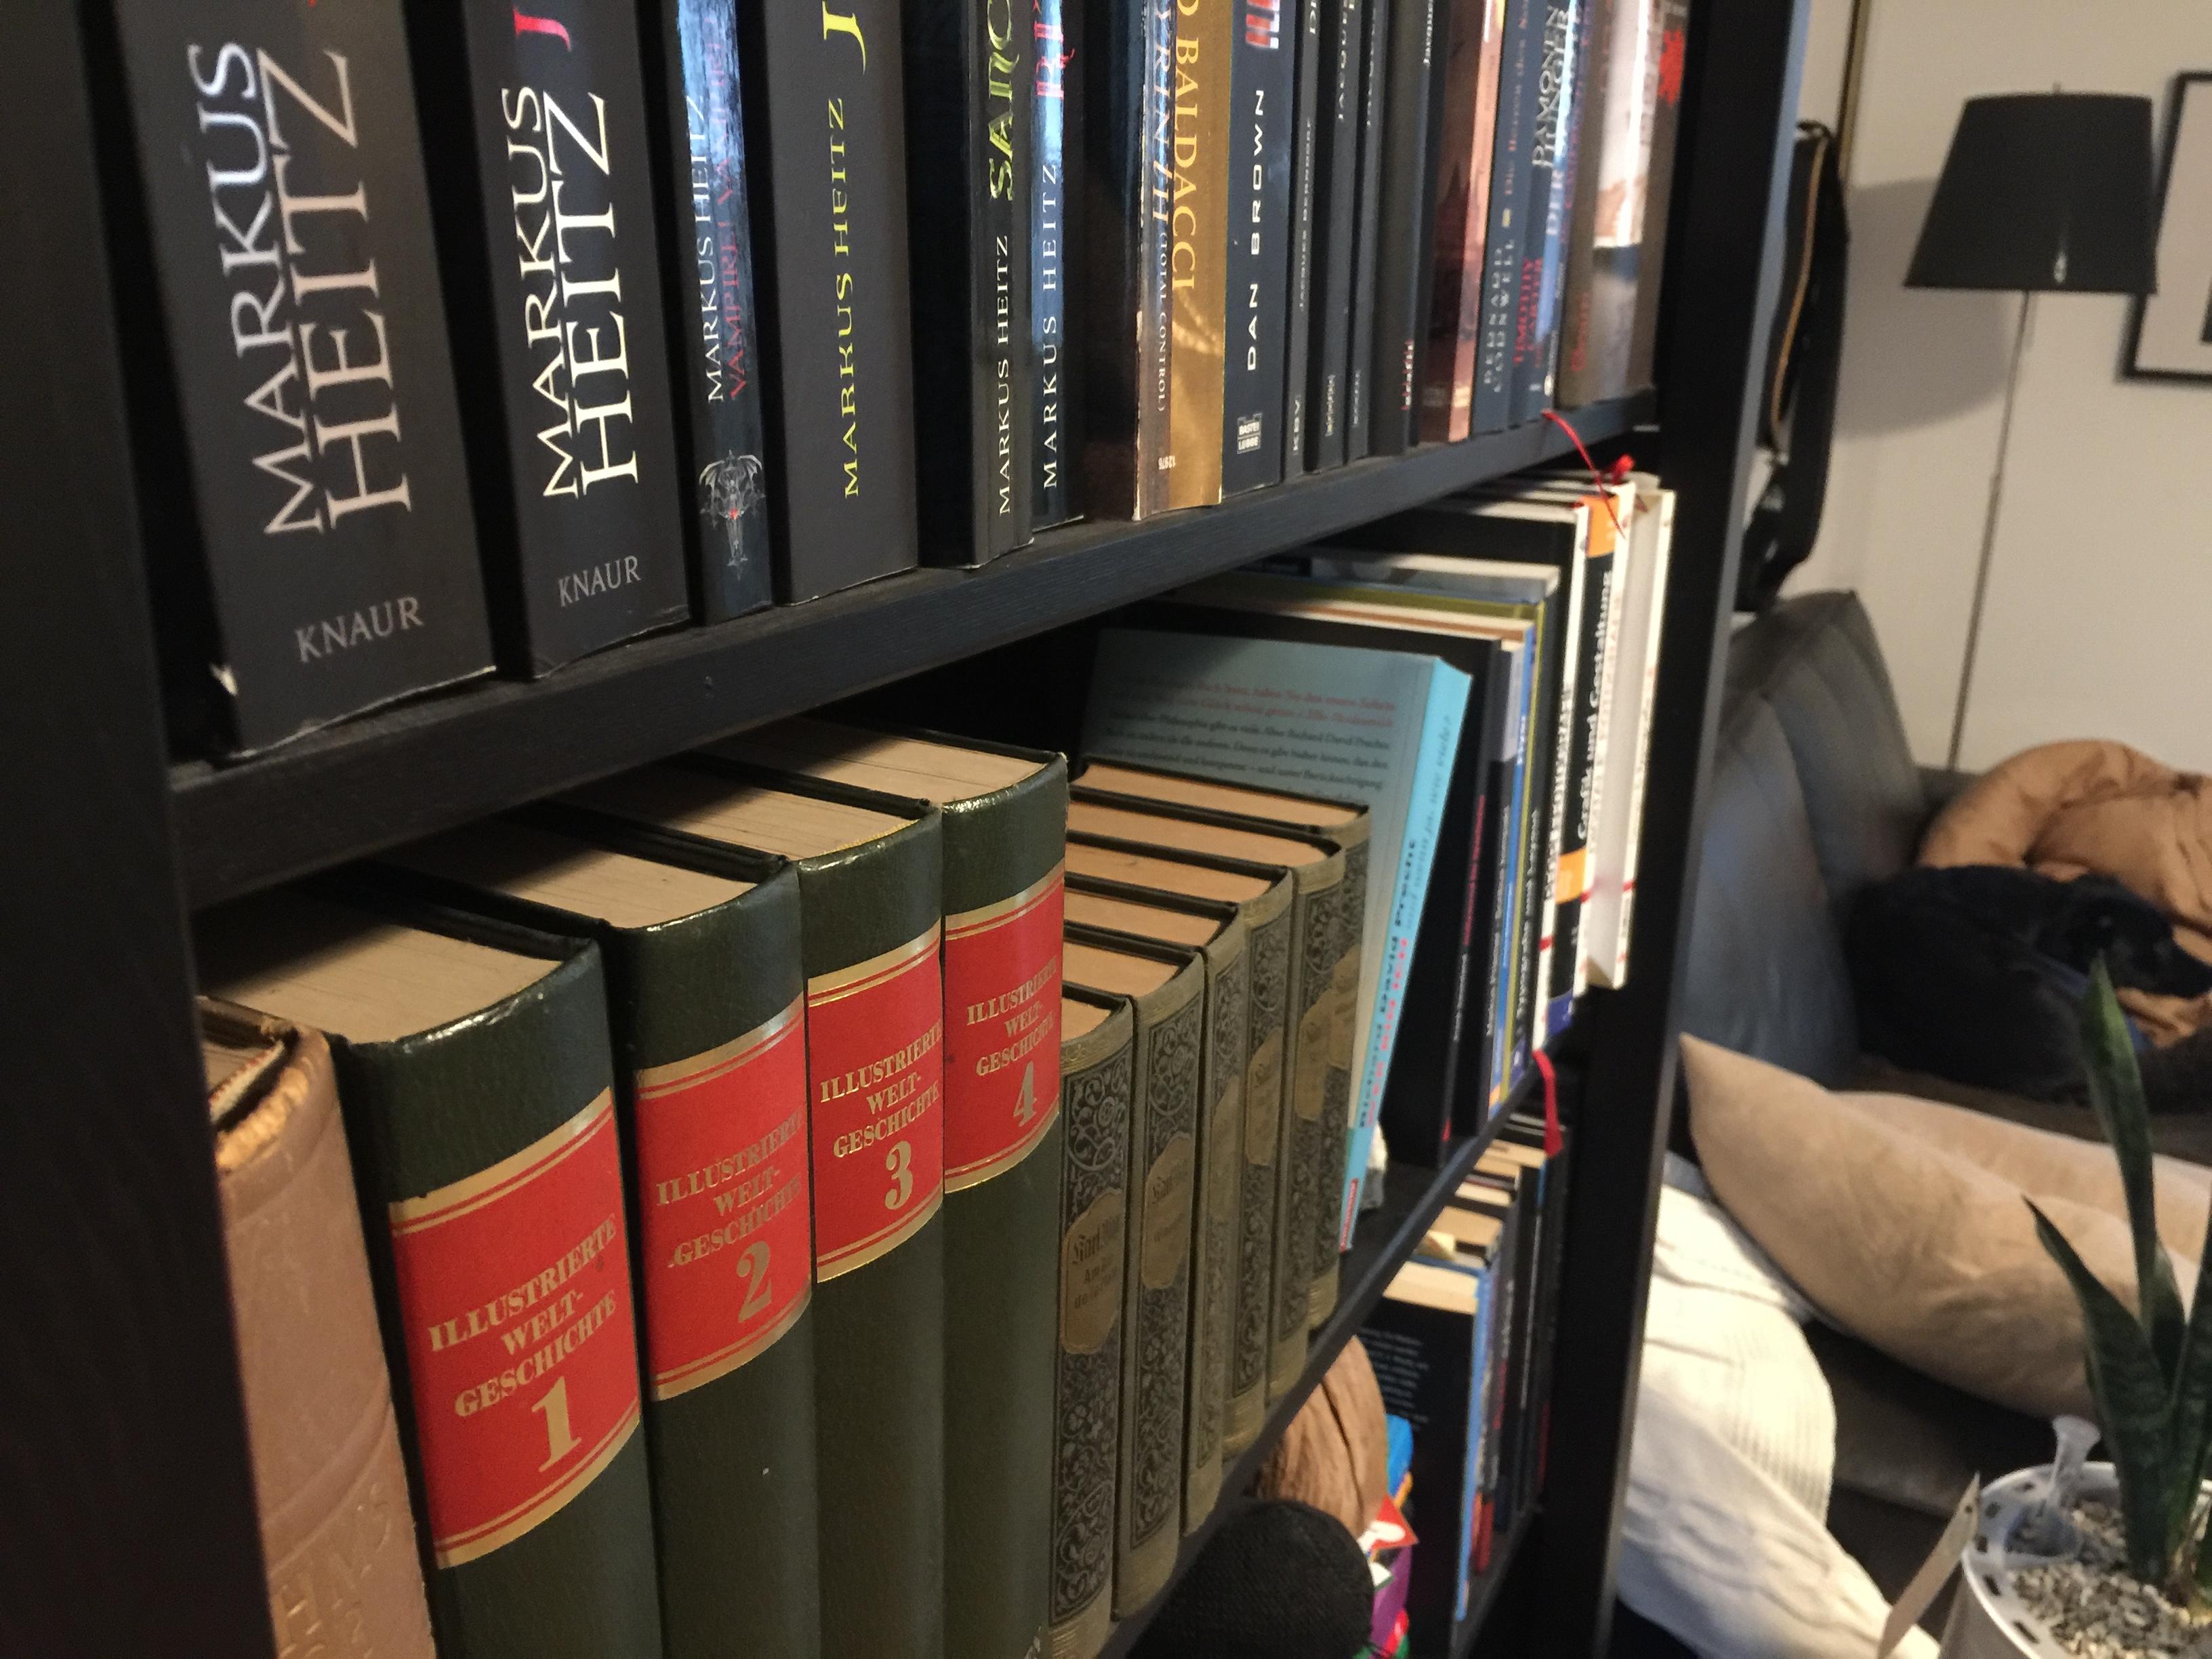 Hausstauballergie viel Staub sammelt sich auch auf Büchern